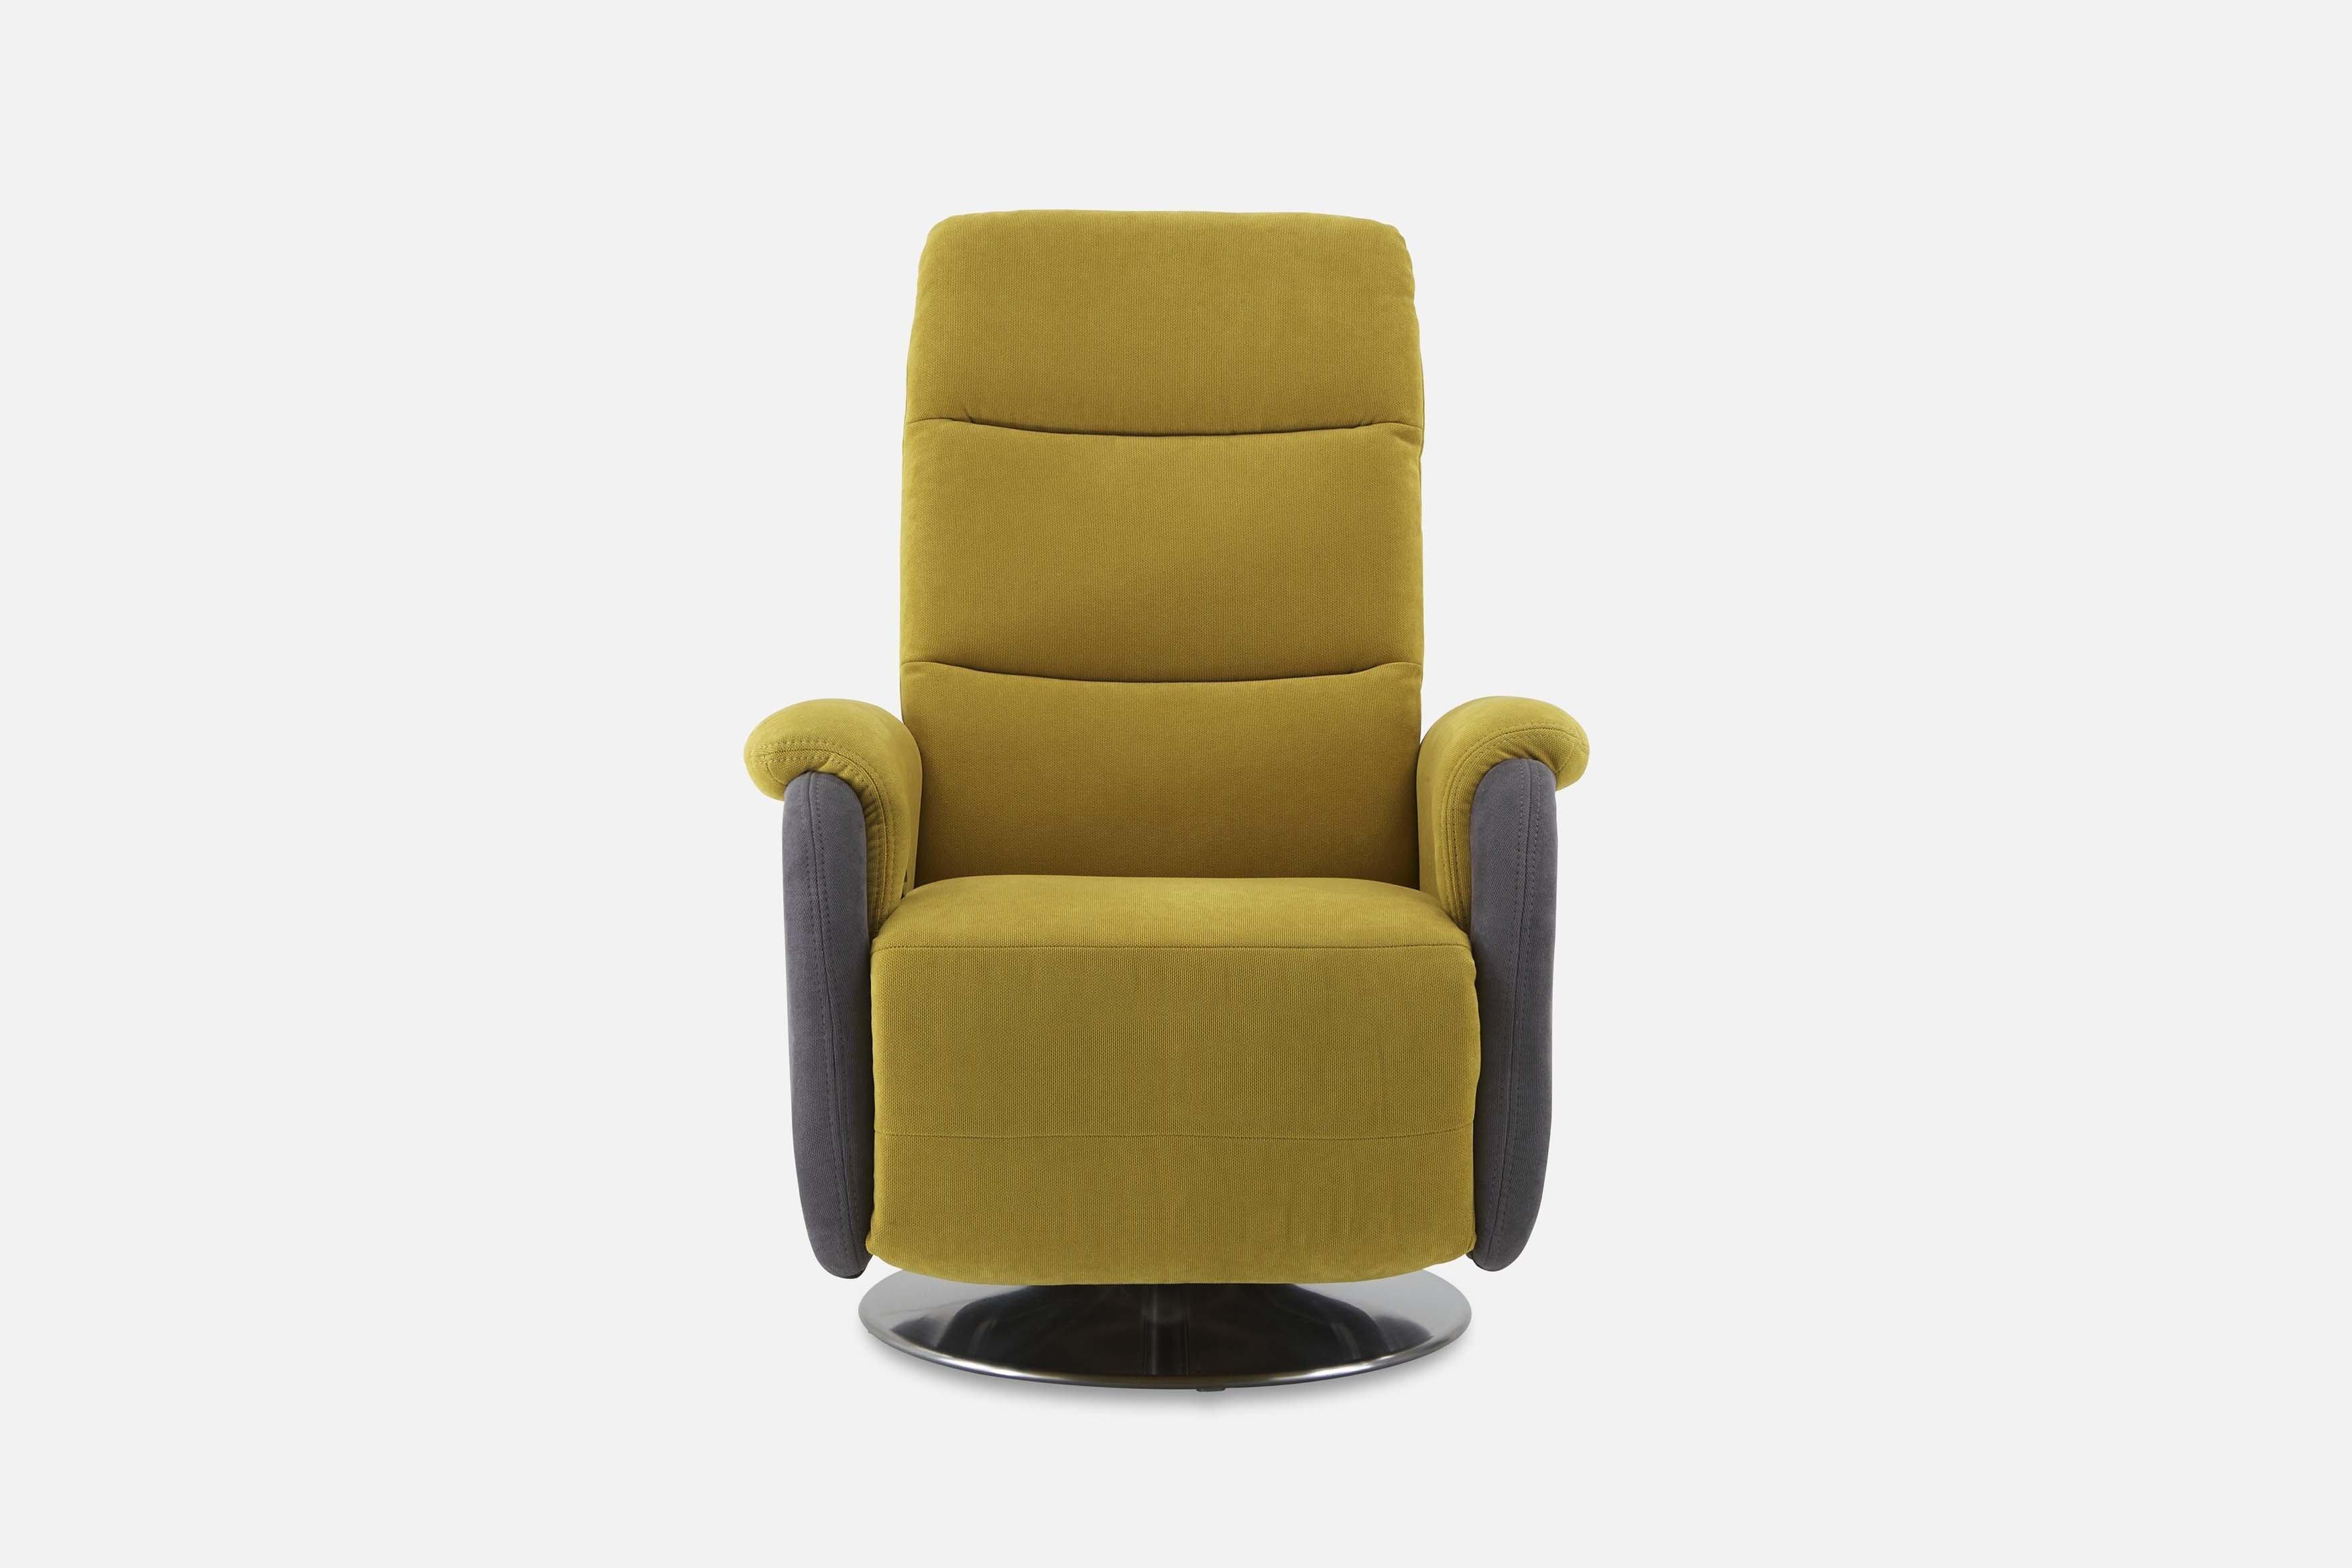 sessel megaline gelb-grau von megapol | möbel letz - ihr online-shop, Wohnzimmer